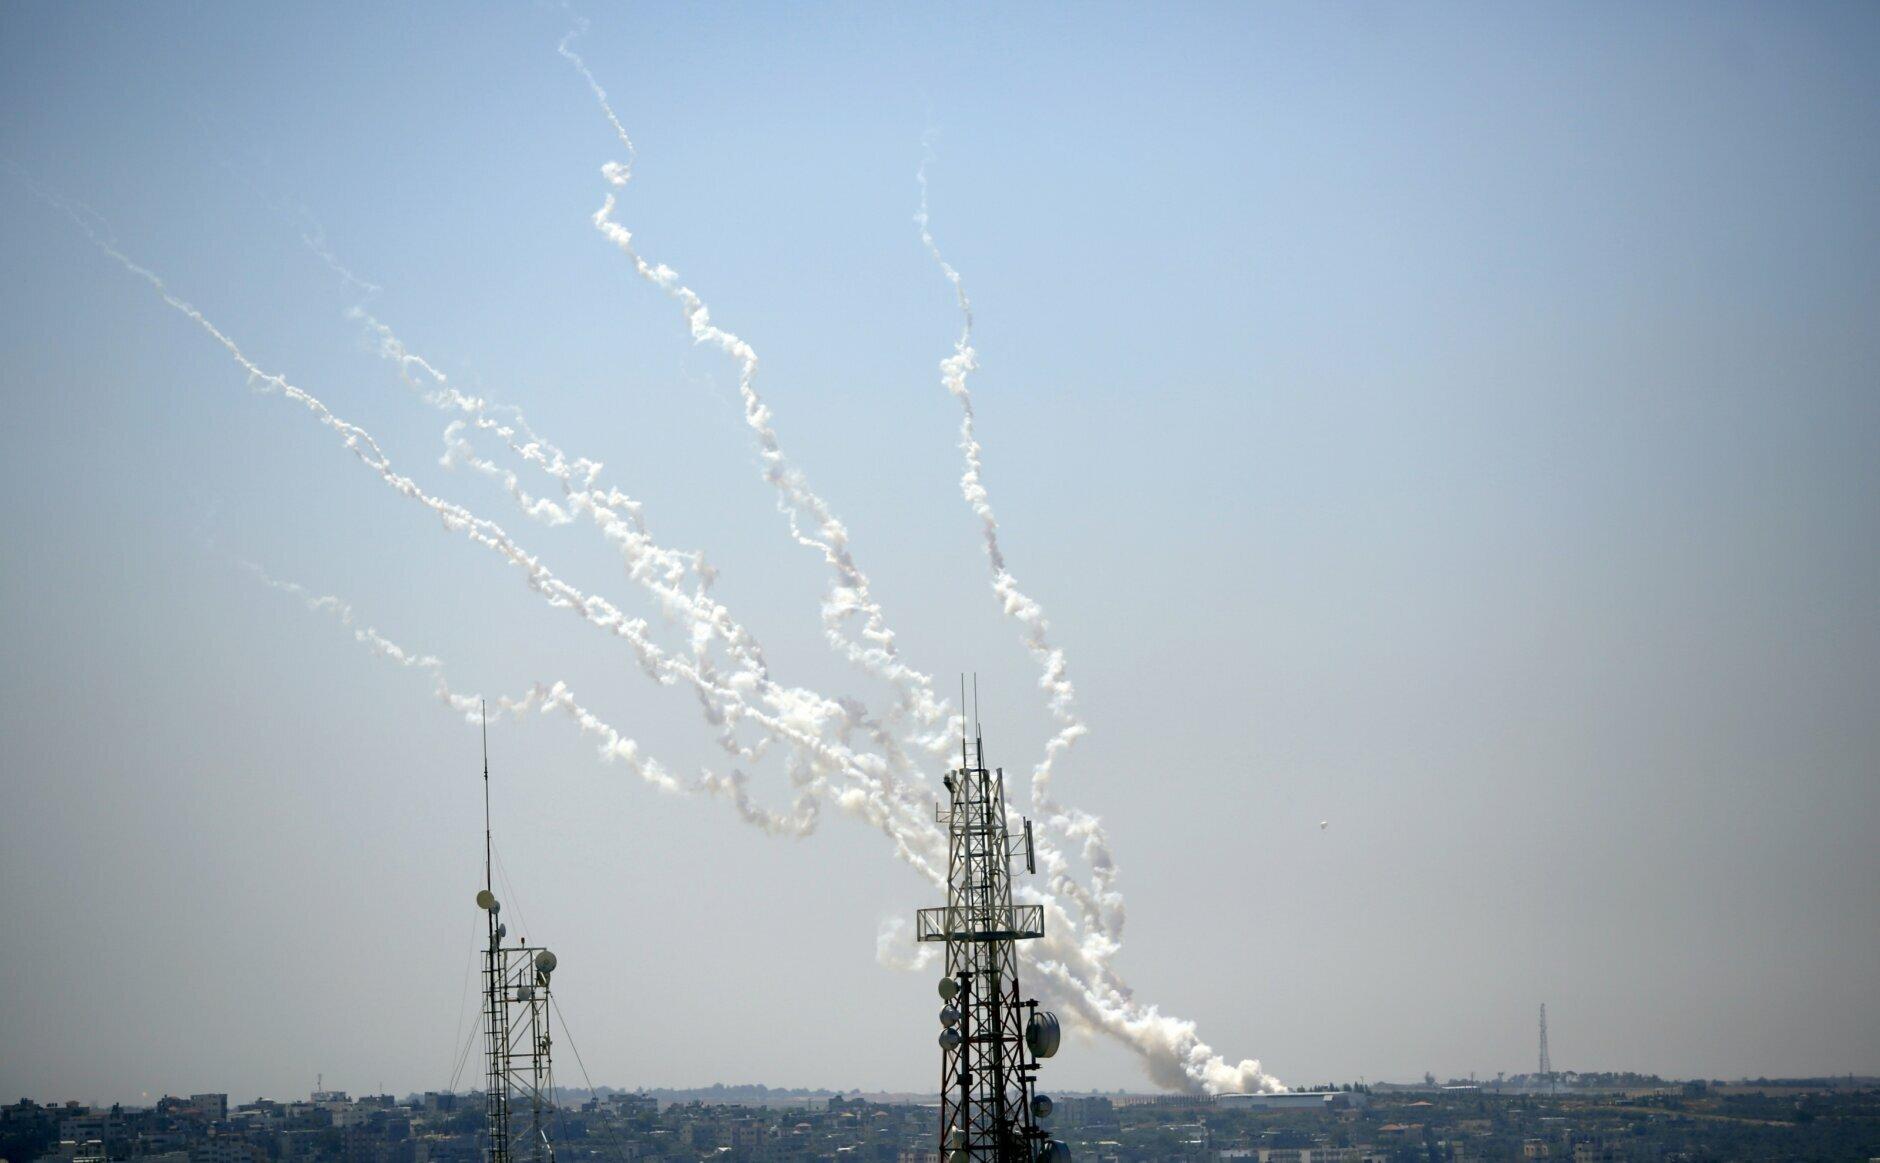 سيزيف الفلسطيني... وحرب الأيام الستة (الجديدة)